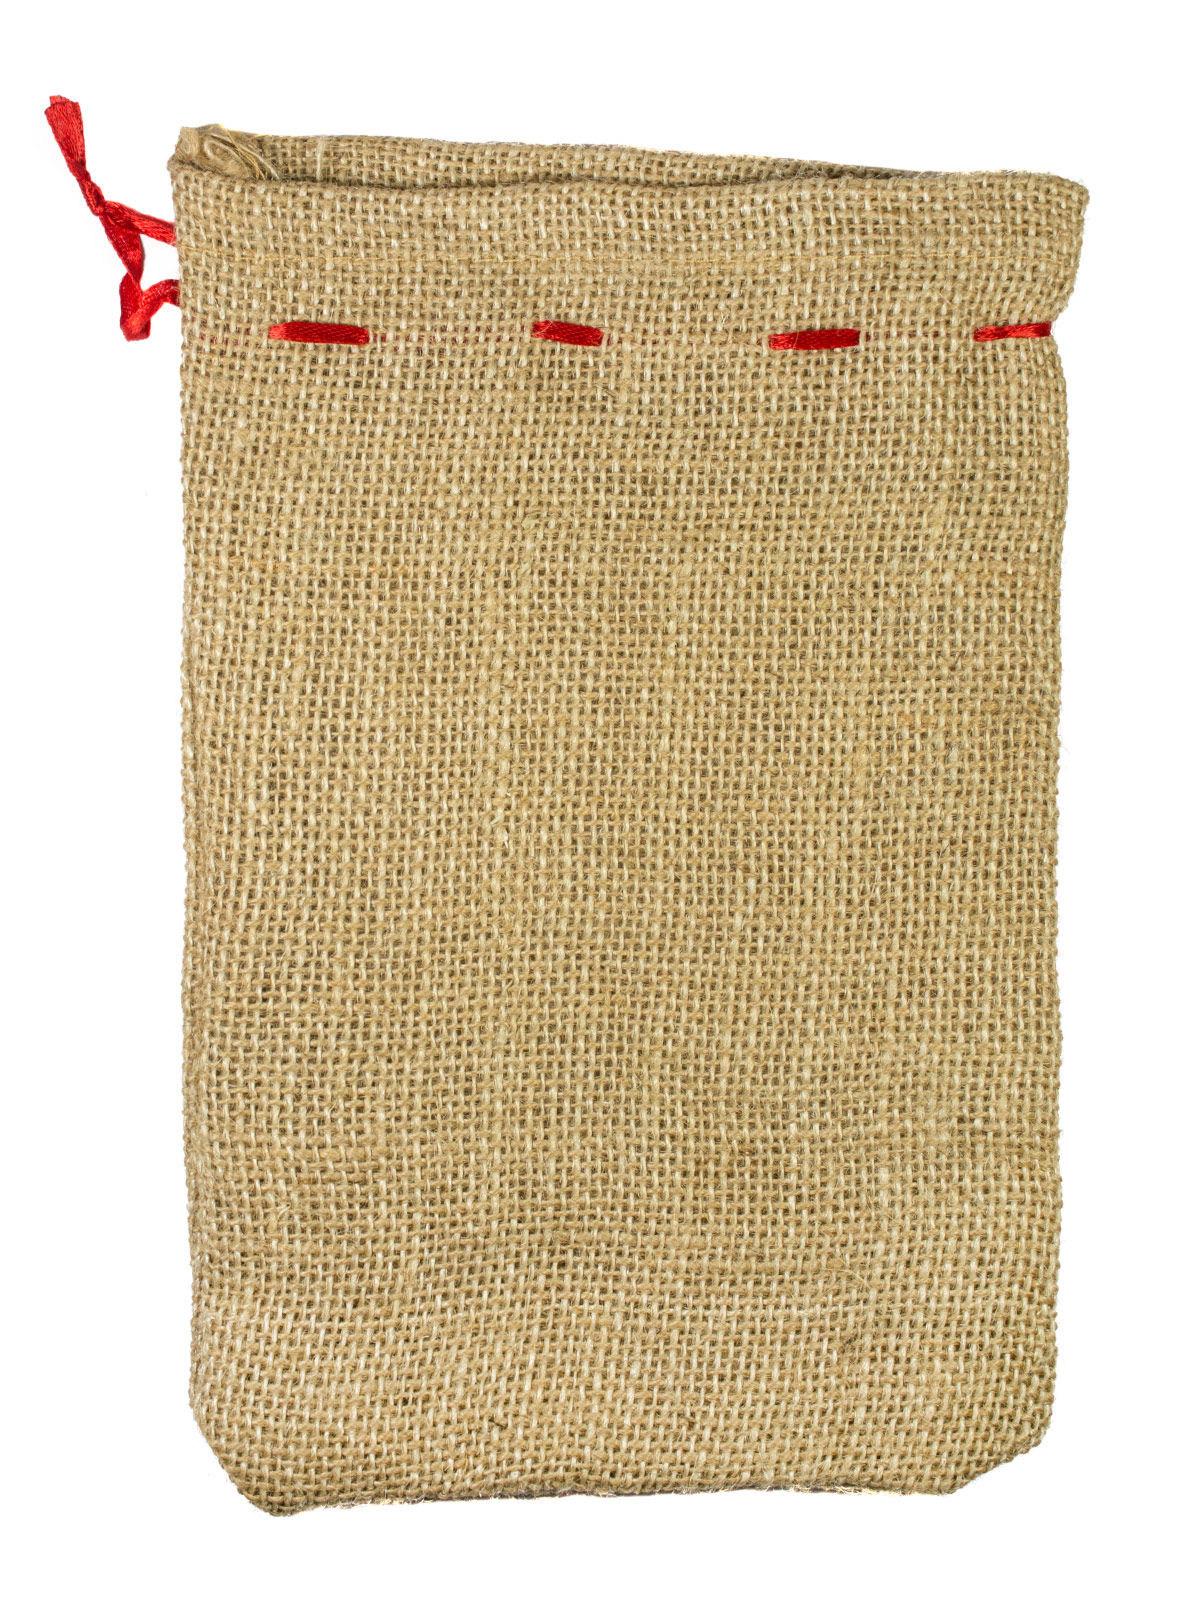 Geschenke Günstig Weihnachten.Geschenke Beutel Weihnachten Beige 22x15cm